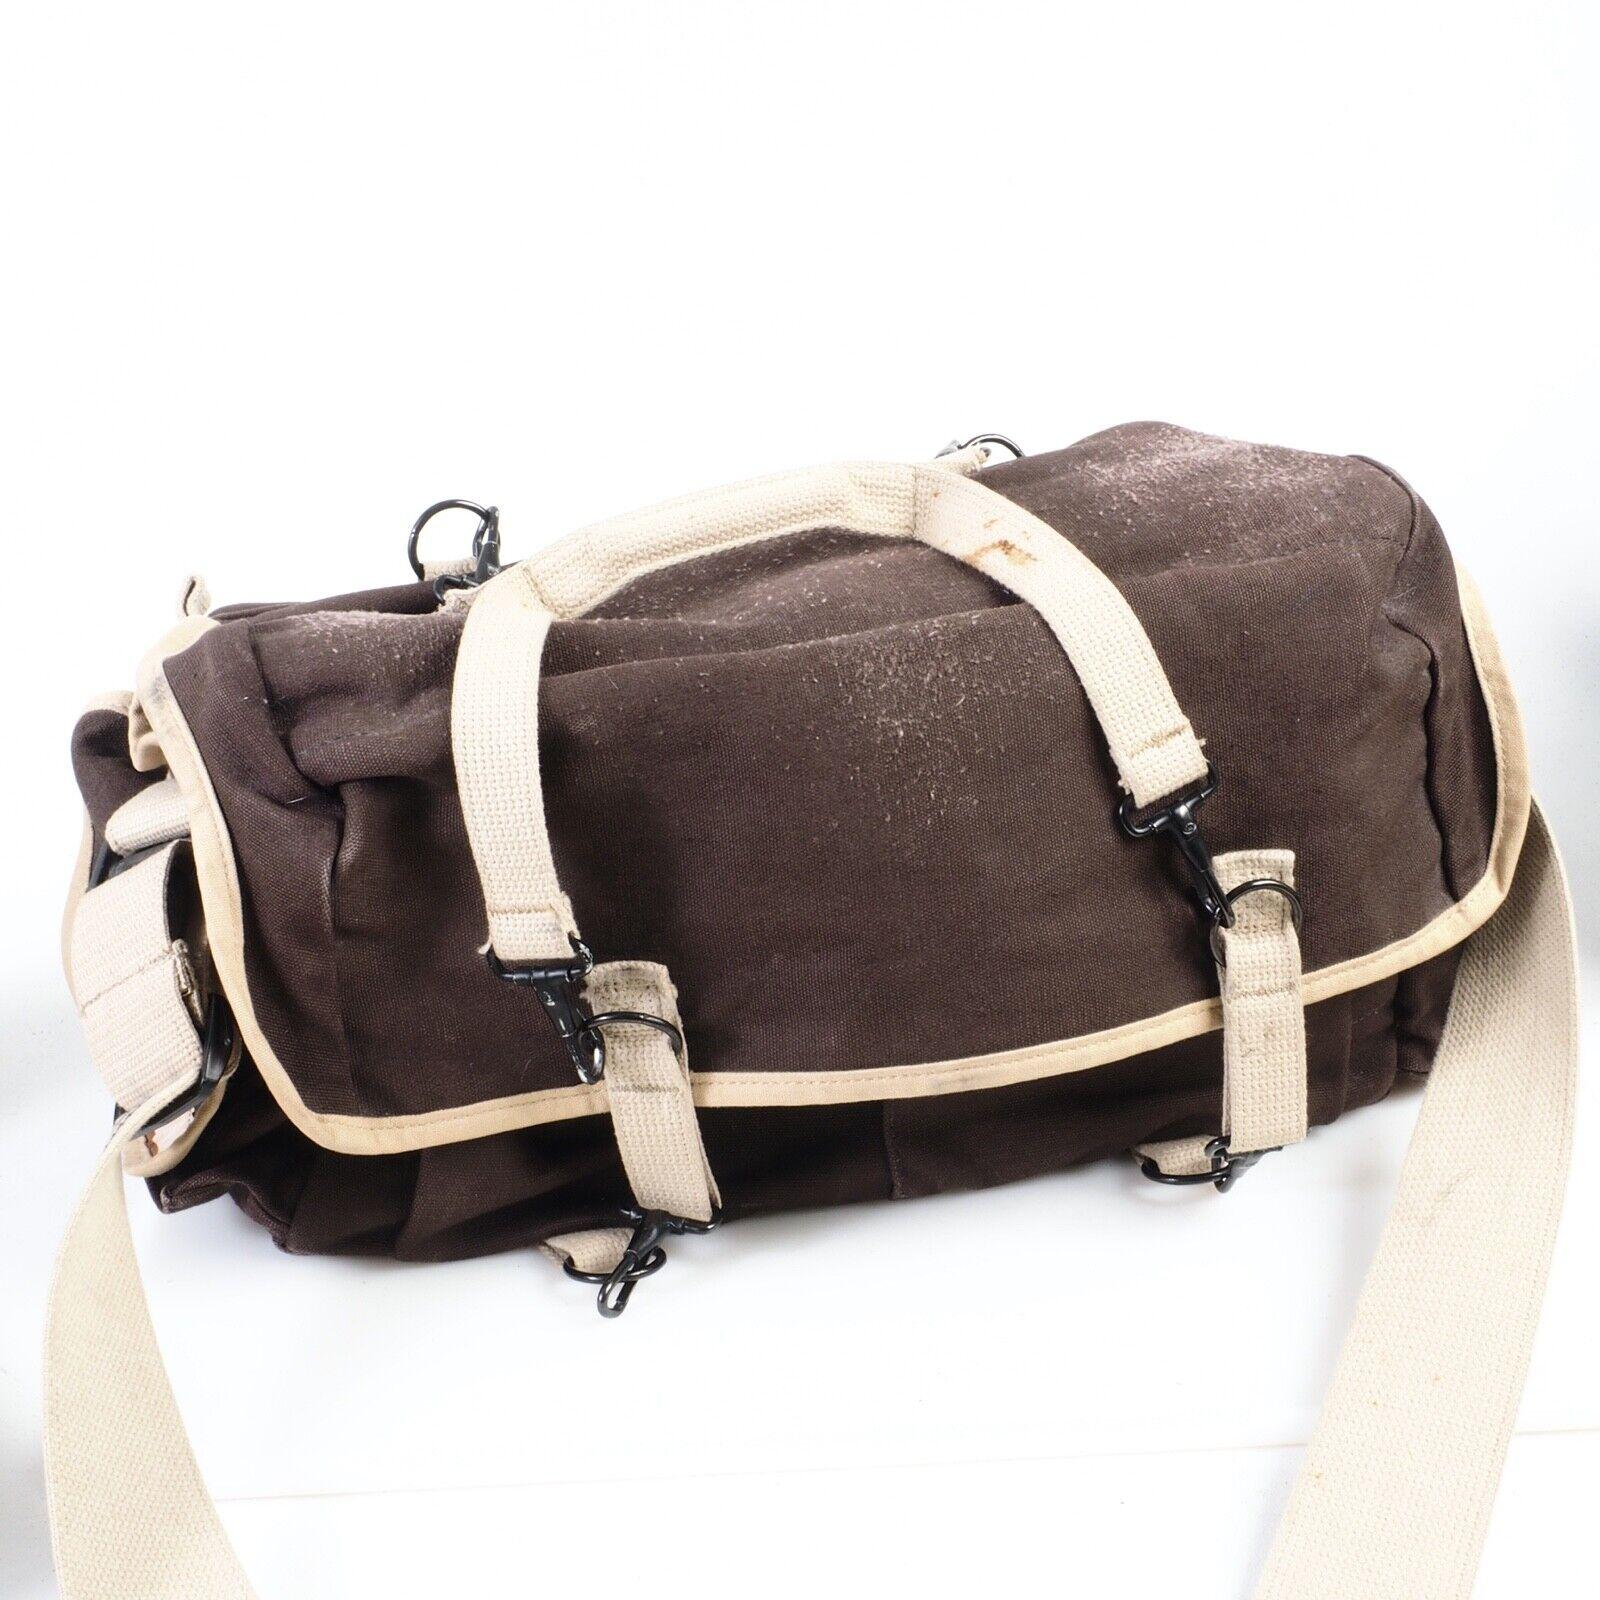 ^Domke F2 Shoulder Bag for DSLR, Mirrorless or Film Camera System [Canvas Cloth]